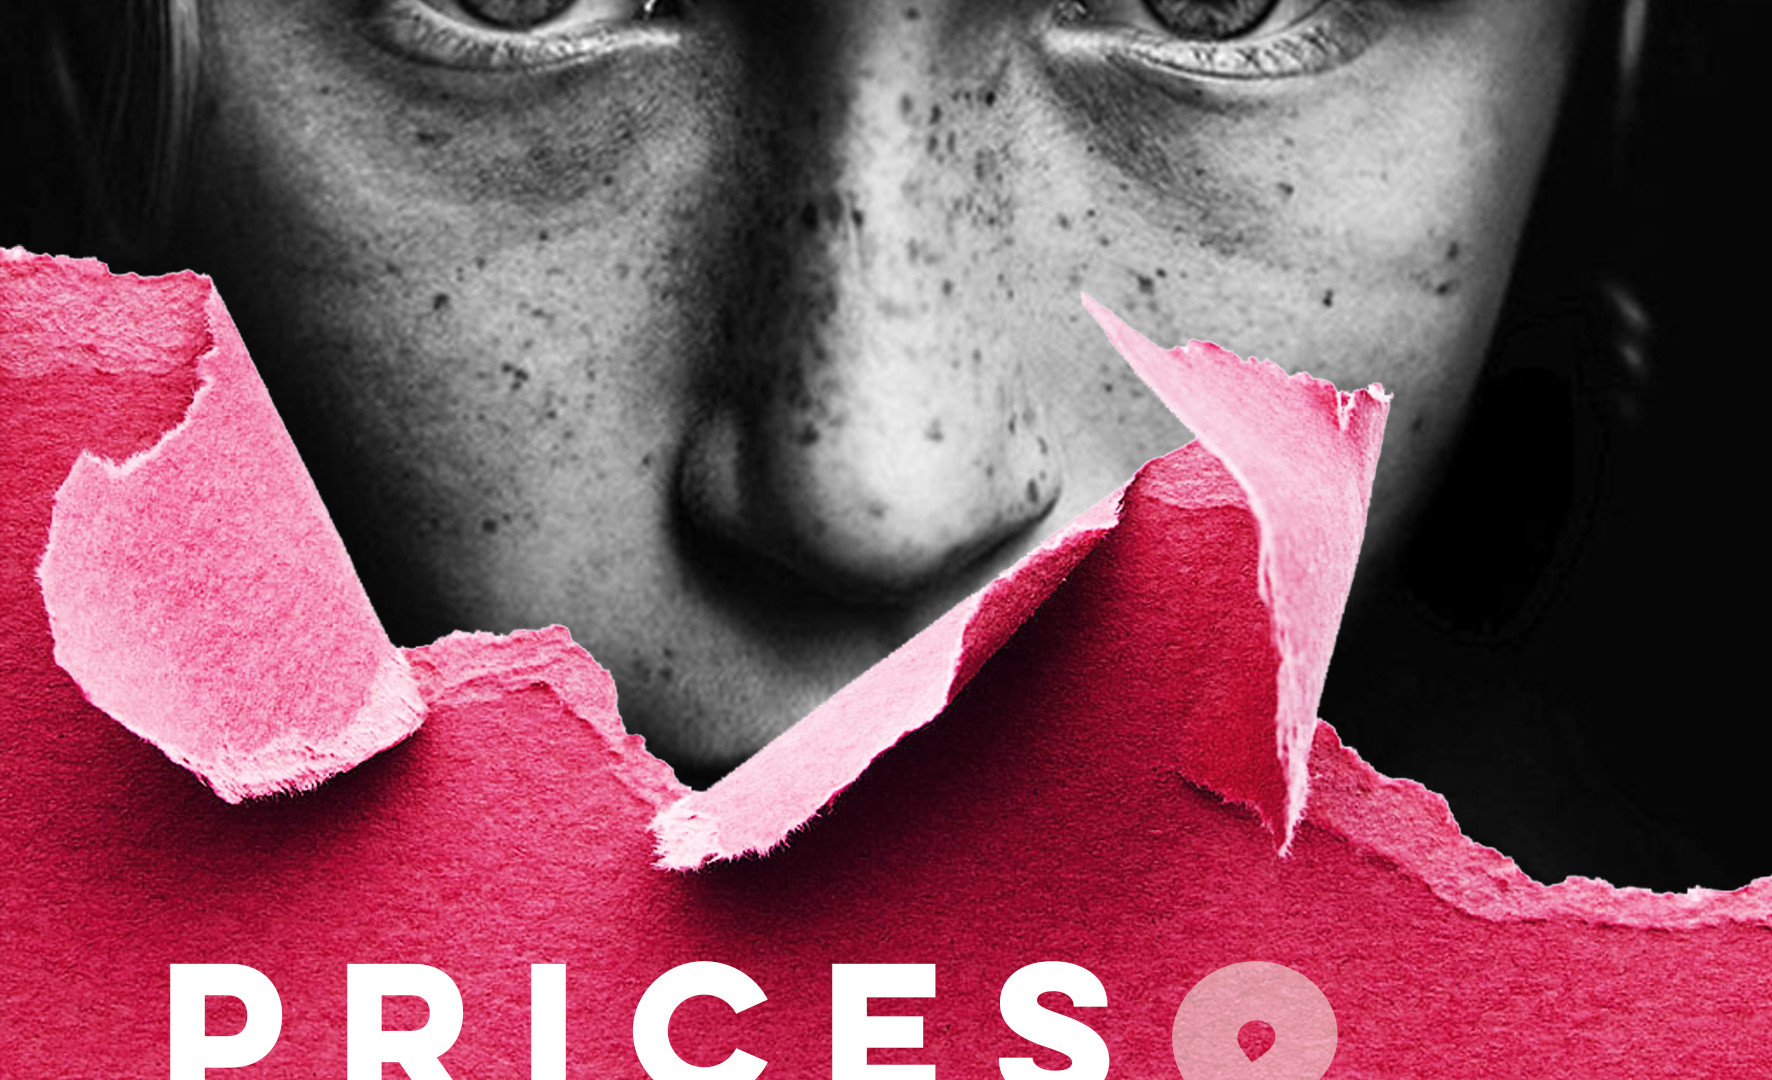 Prices & Signage